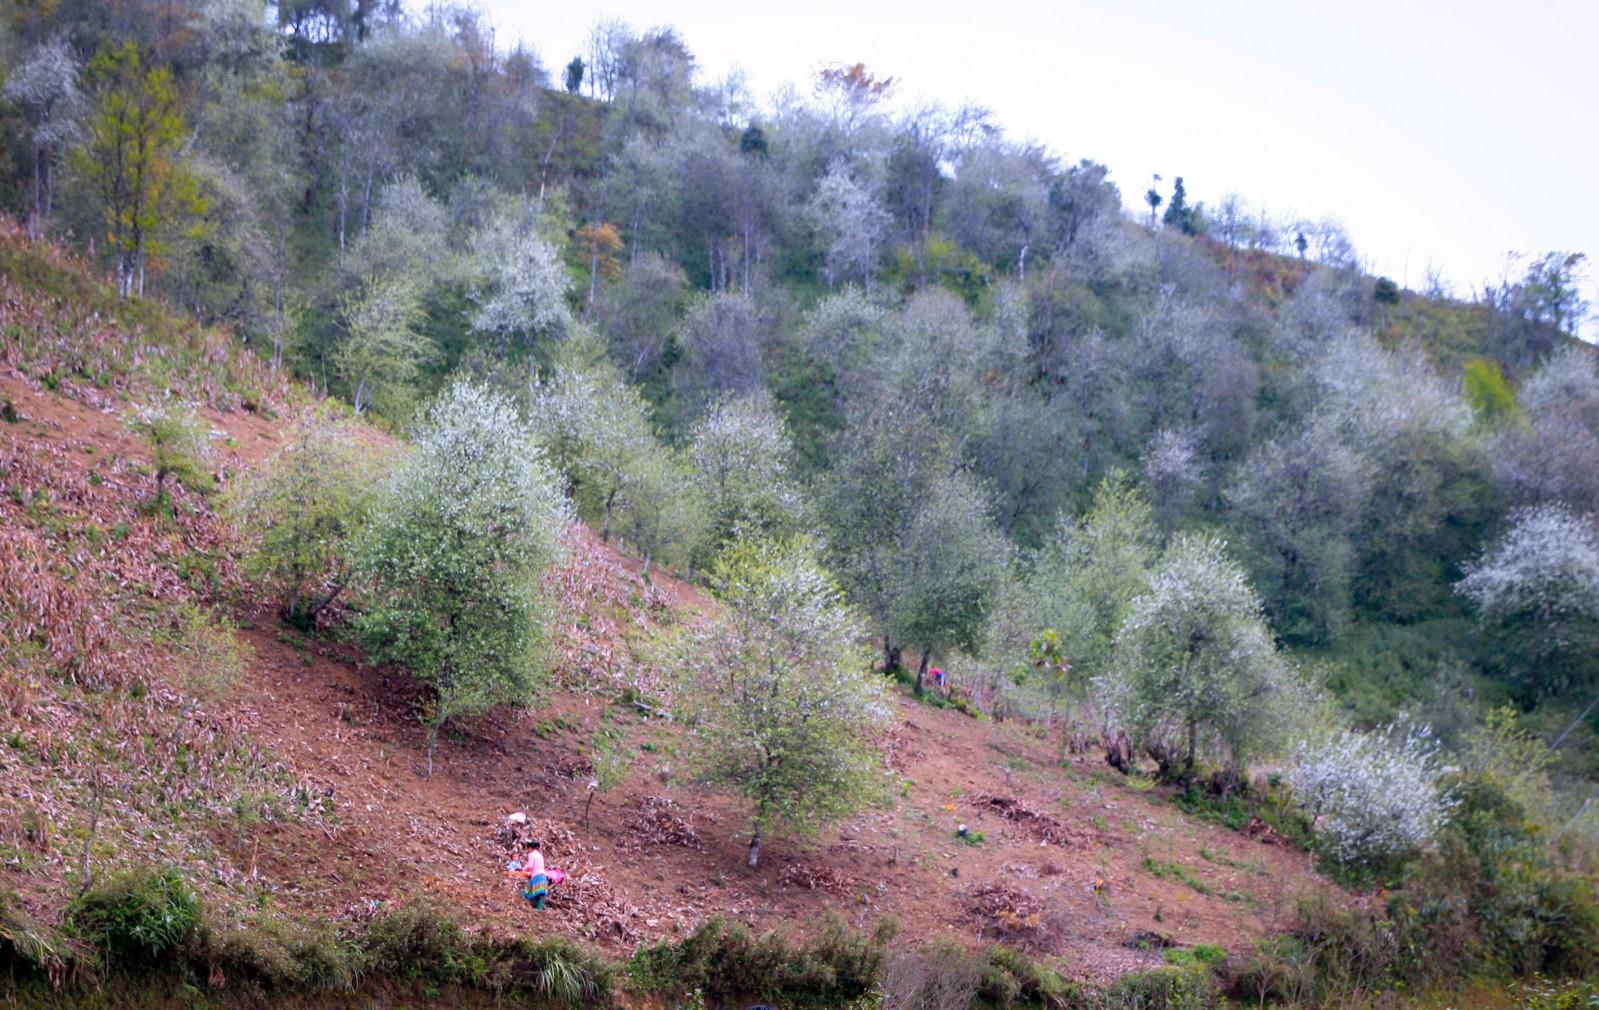 Là một trong những nơi có diện tích trồng táo mèo lớn nhất huyện Bắc Yên, khi trổ bông, núi đồi Xím Vàng bừng sáng và ngập tràn màu trắng trong sắc xuân.